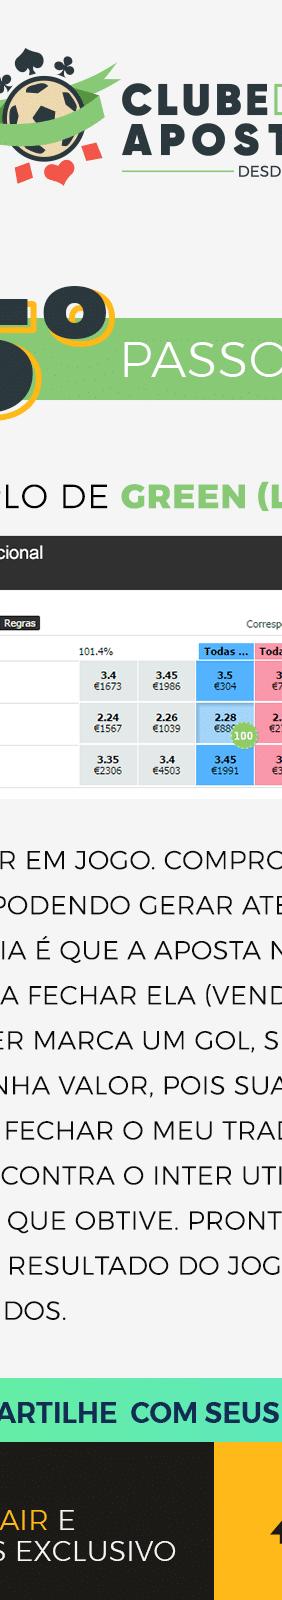 05-o-que-e-trading-esportivo